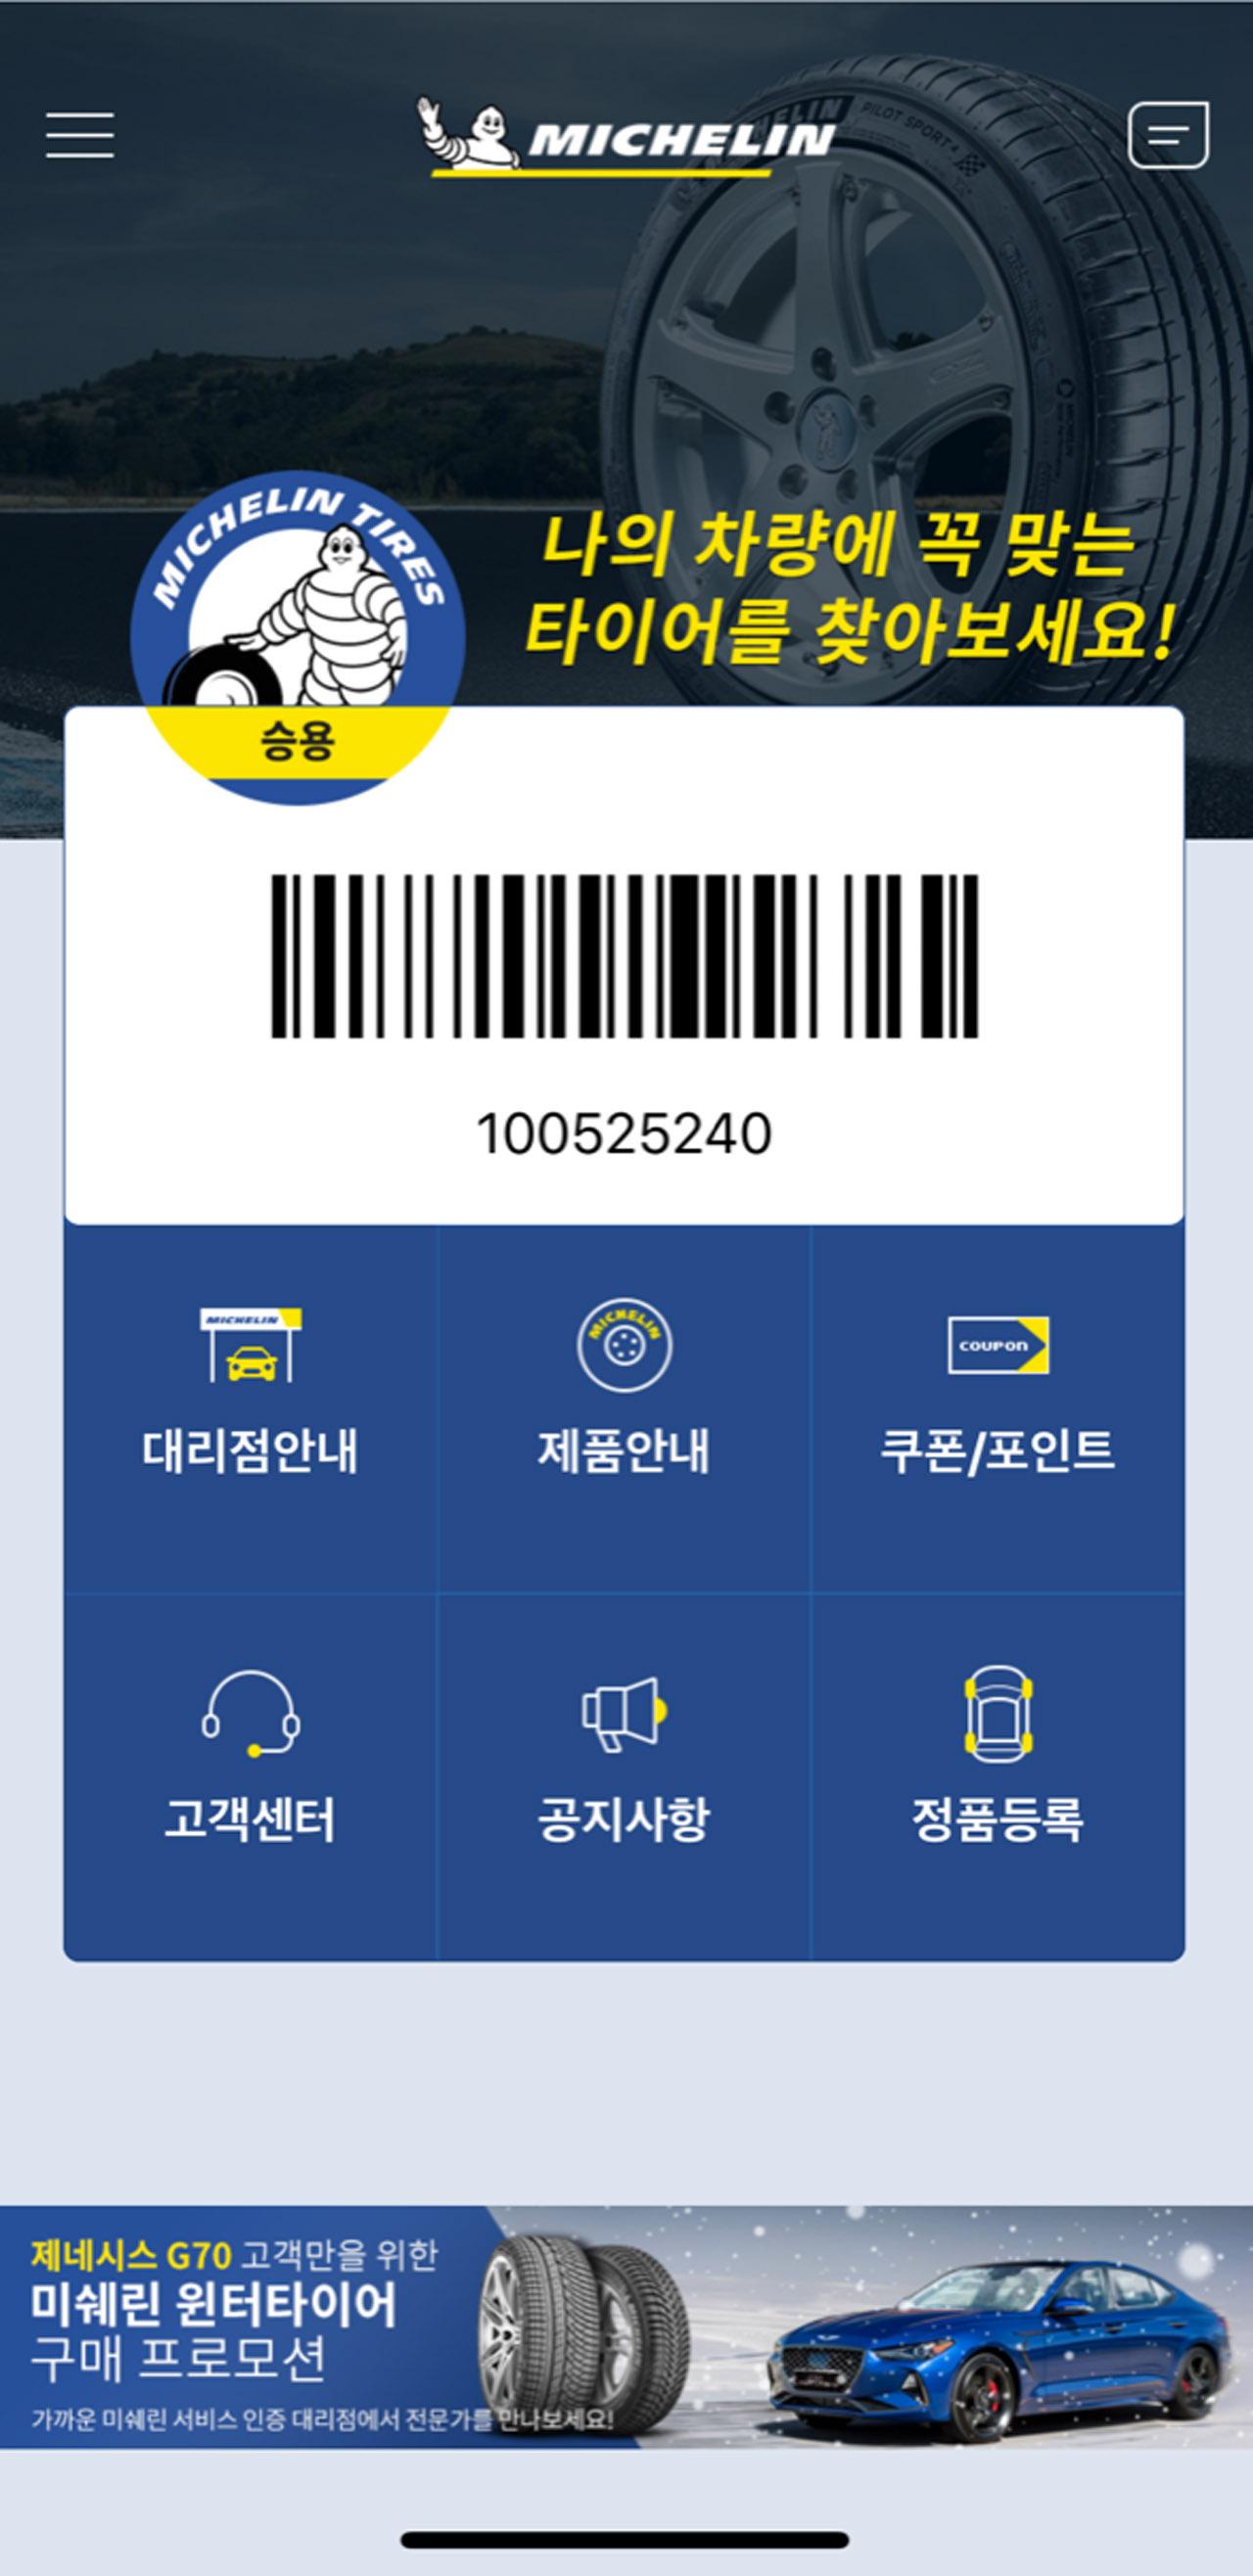 [이미지2] 미쉐린 멤버십 모바일 애플리케이션 복사